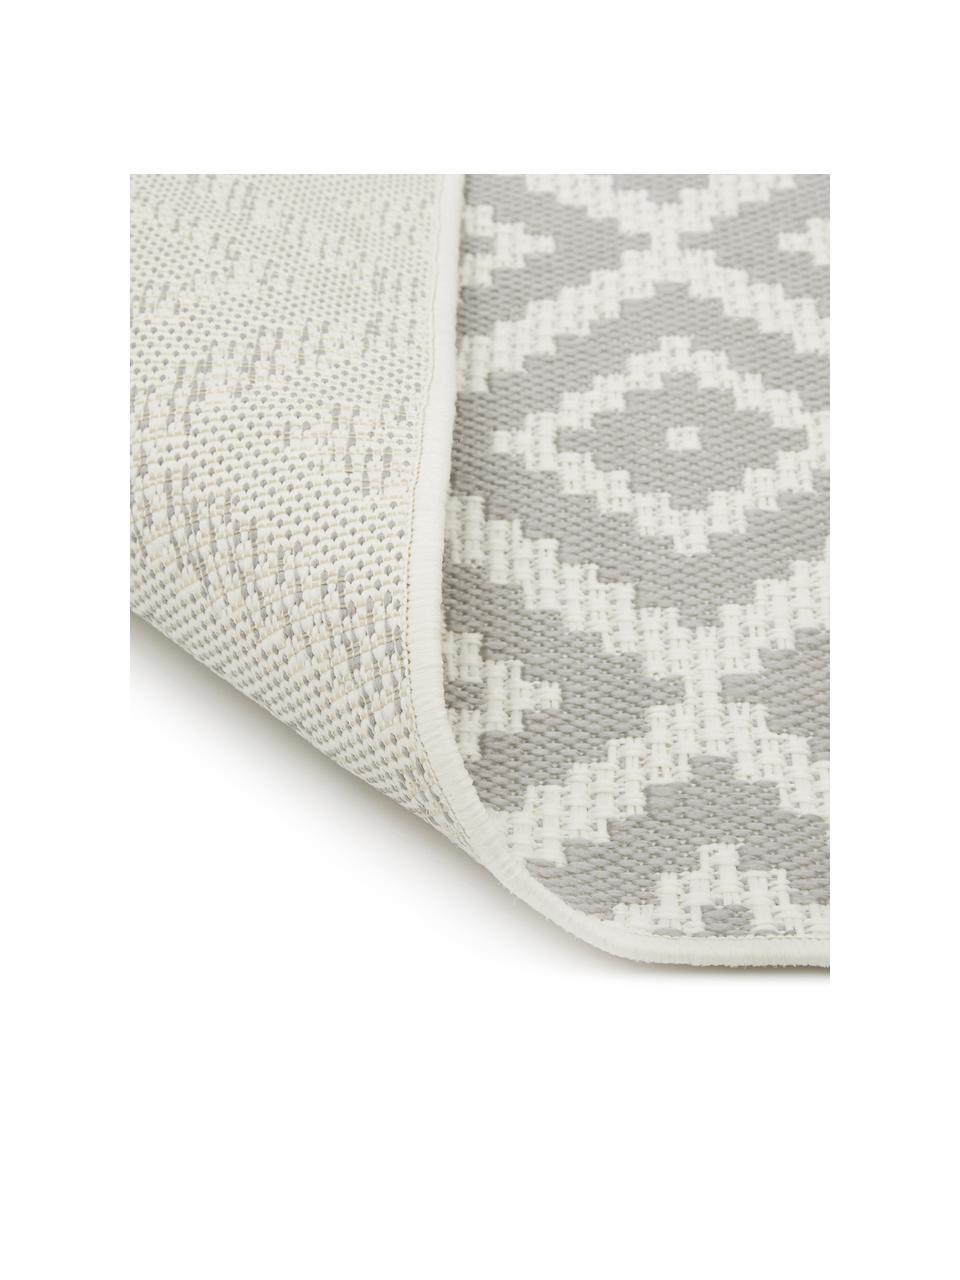 Gemusterter In- & Outdoor-Läufer Miami in Grau/Weiß, 86% Polypropylen, 14% Polyester, Cremeweiß, Grau, 80 x 250 cm